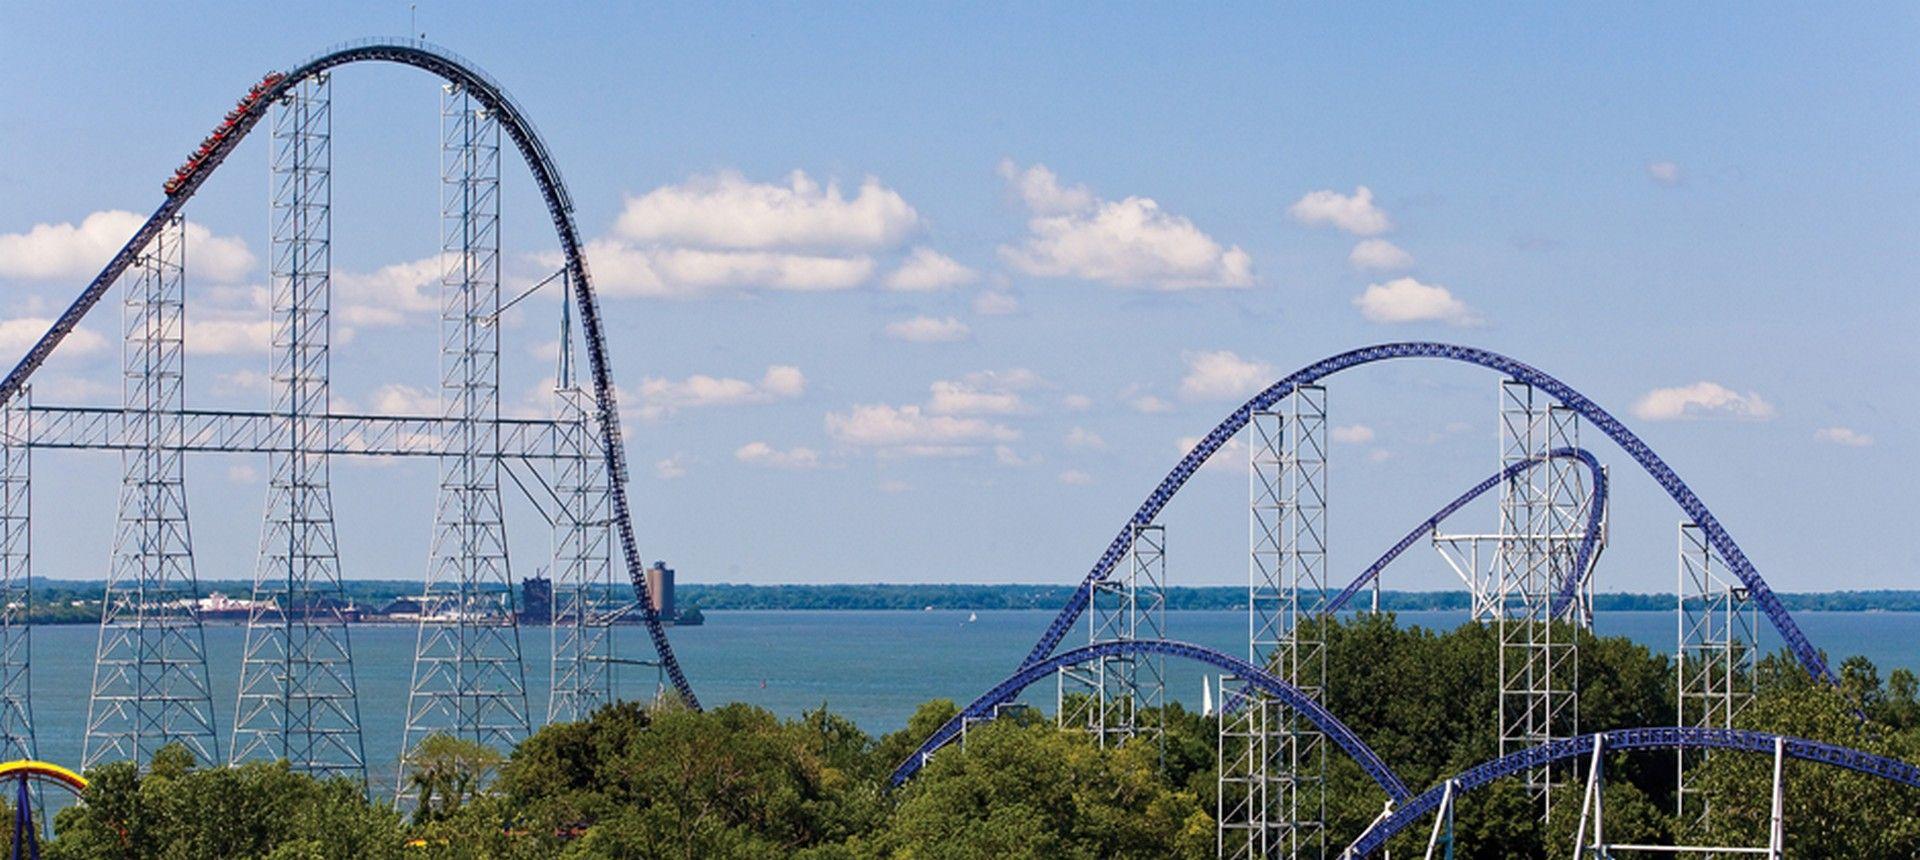 Hd Cedar Point Wallpaper Cedar Point Amusement Park Cedar Point Roller Coaster